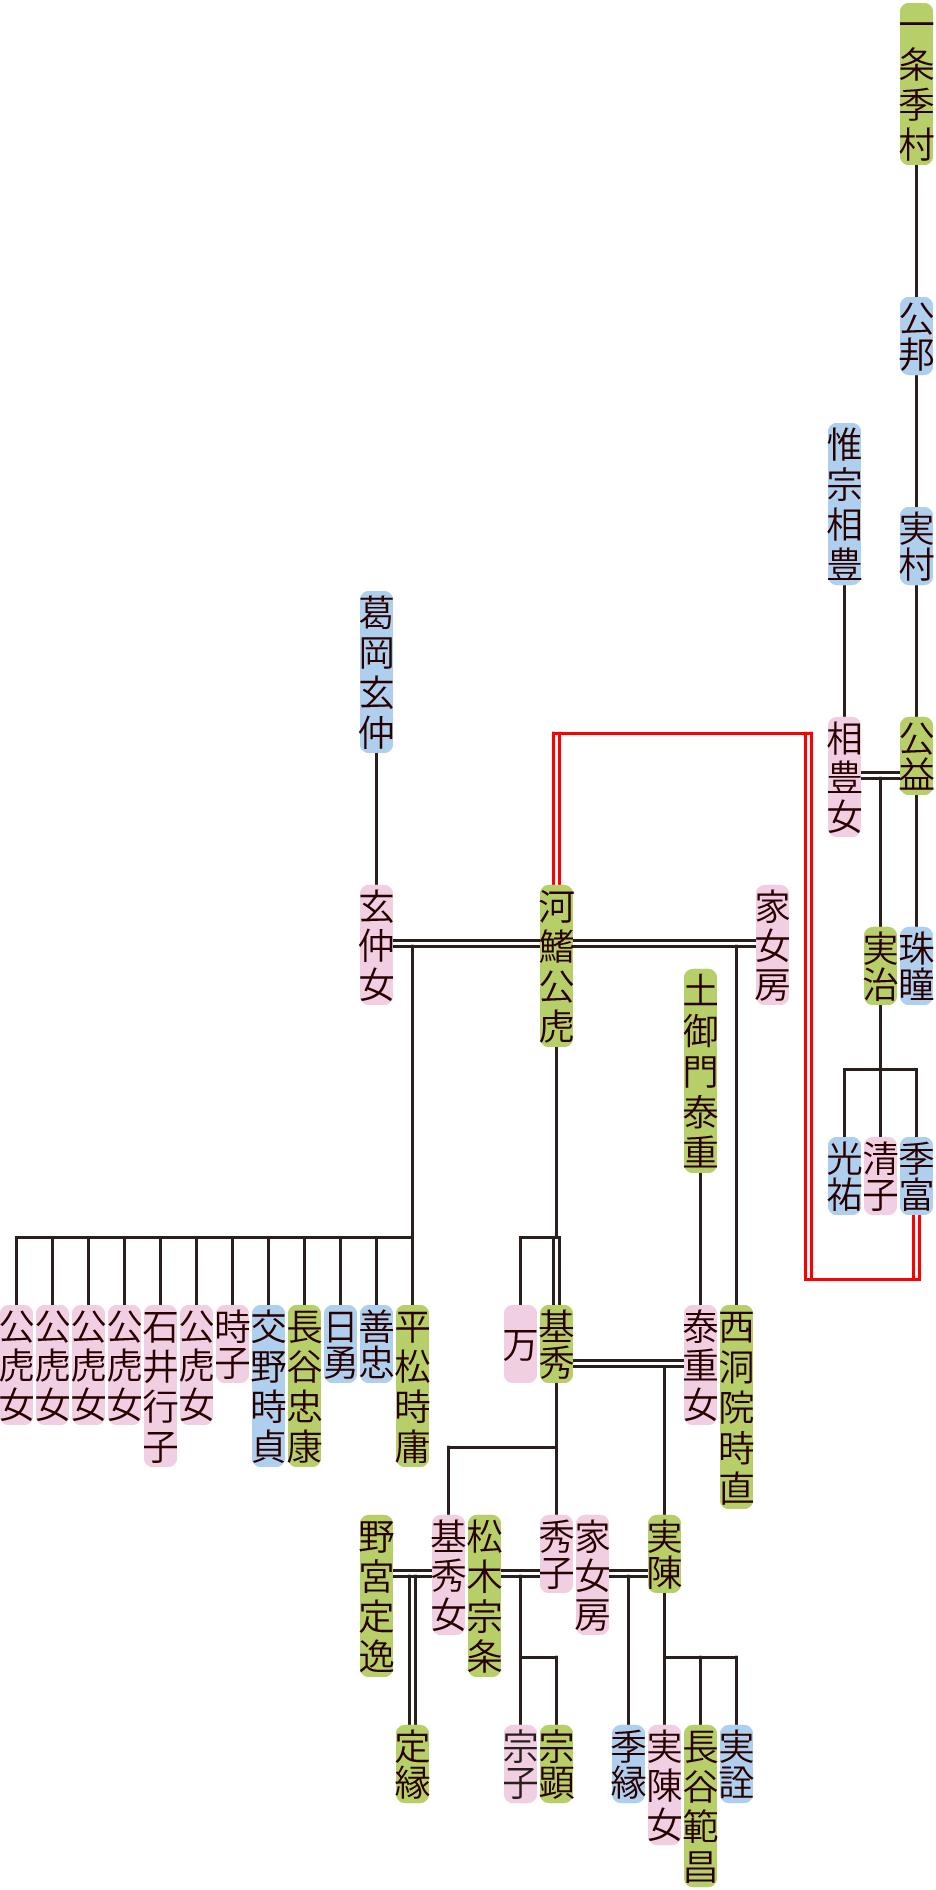 一条実村~河鰭基秀の系図